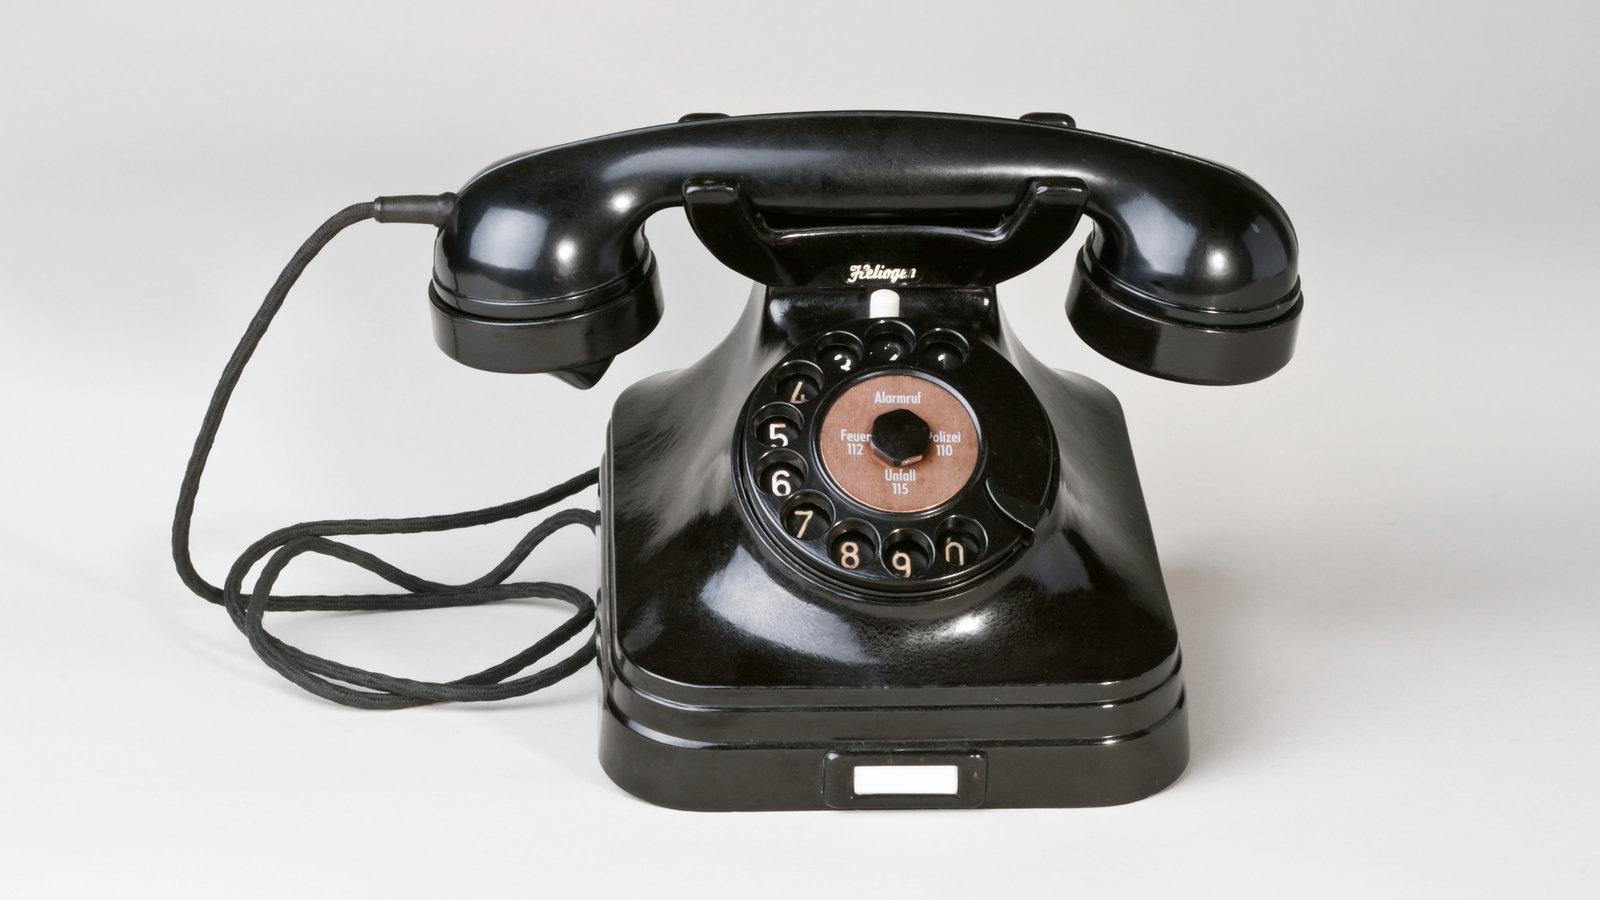 wer hat das telefon erfunden